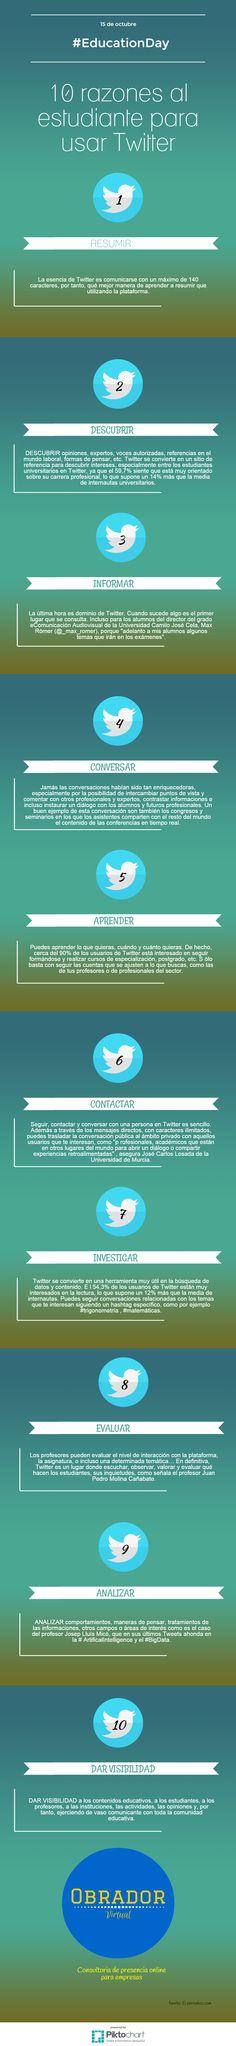 Hoy 15 de octubre más de 500 instituciones educativas de toda Europa se conectan para discutir sobre como aprovechar Twitter para inspirarse, informarse e investigar. Nos sumamos a este gran evento con una infografía de como un estudiante puede aprovechar#Twitter.